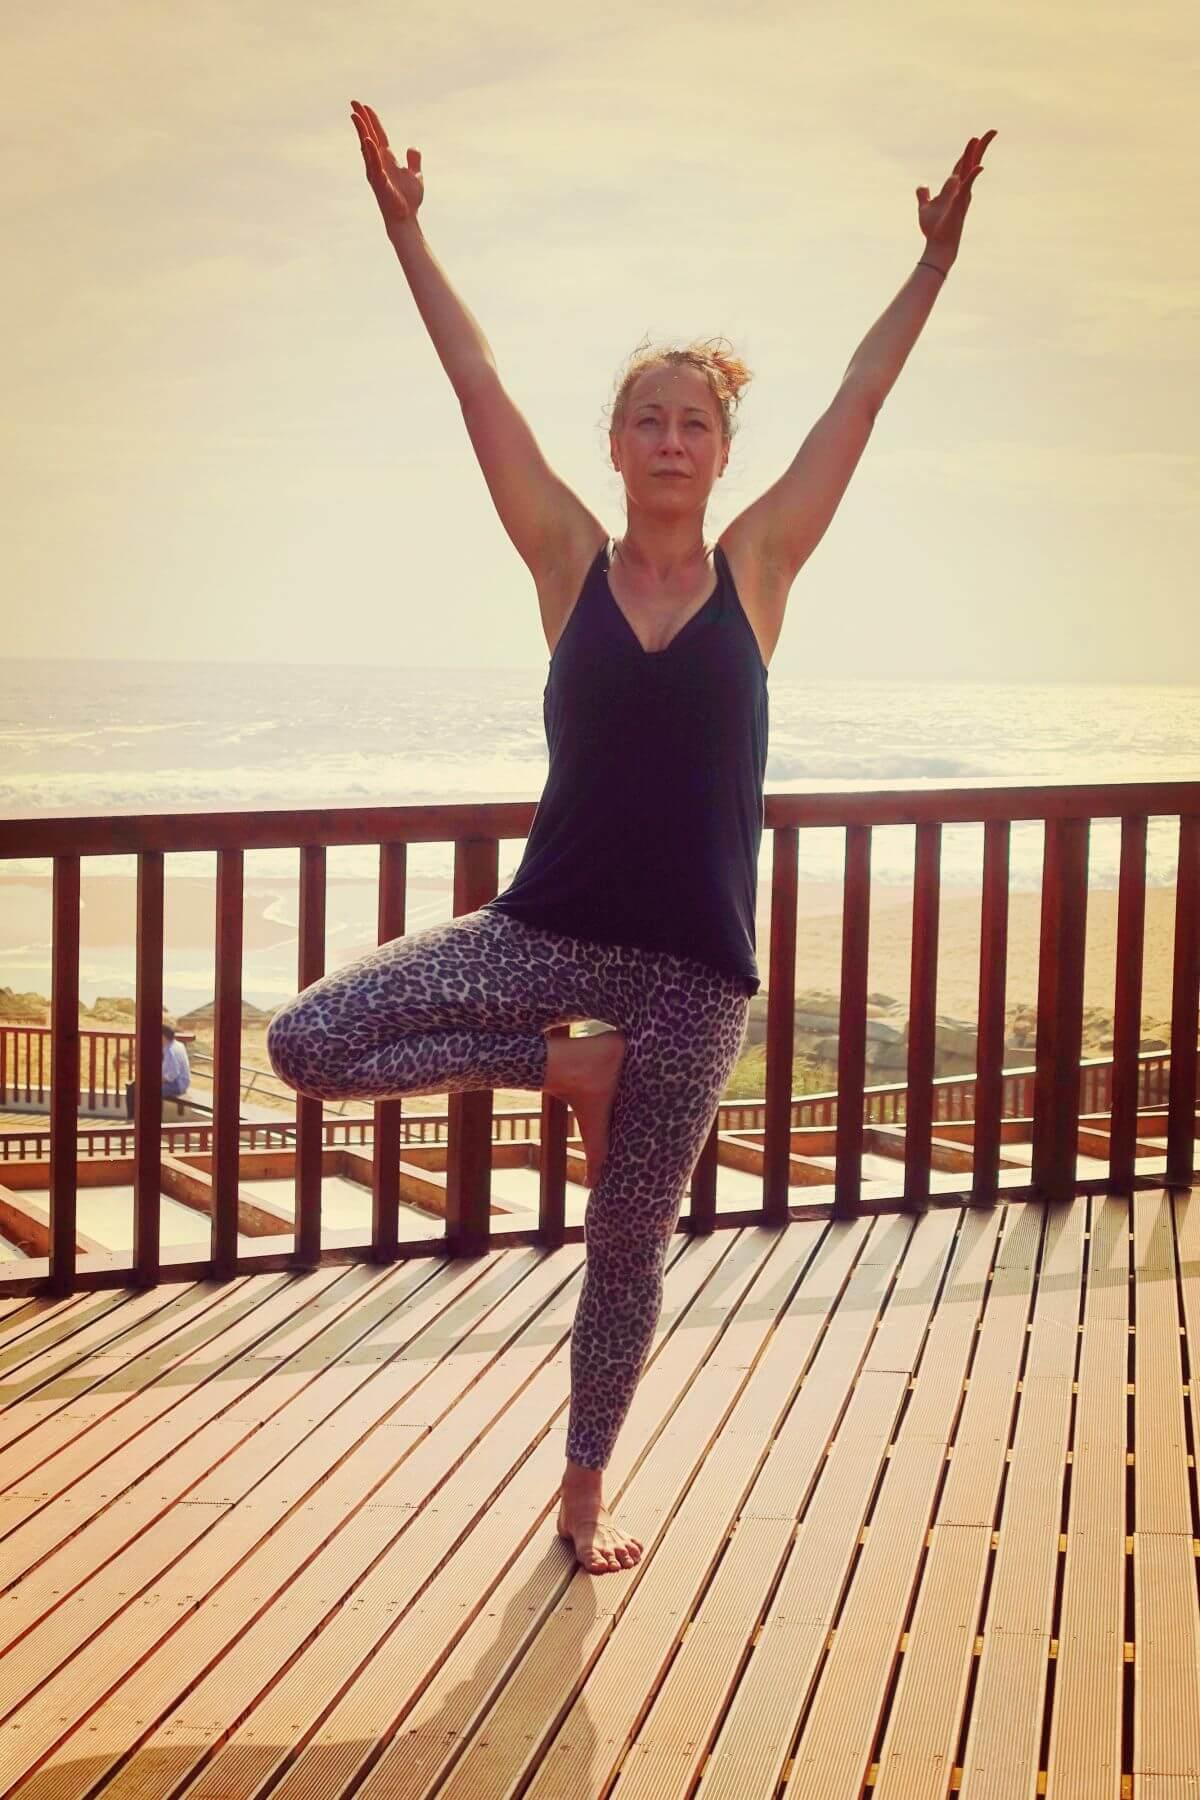 Yoga & Surfen Baum